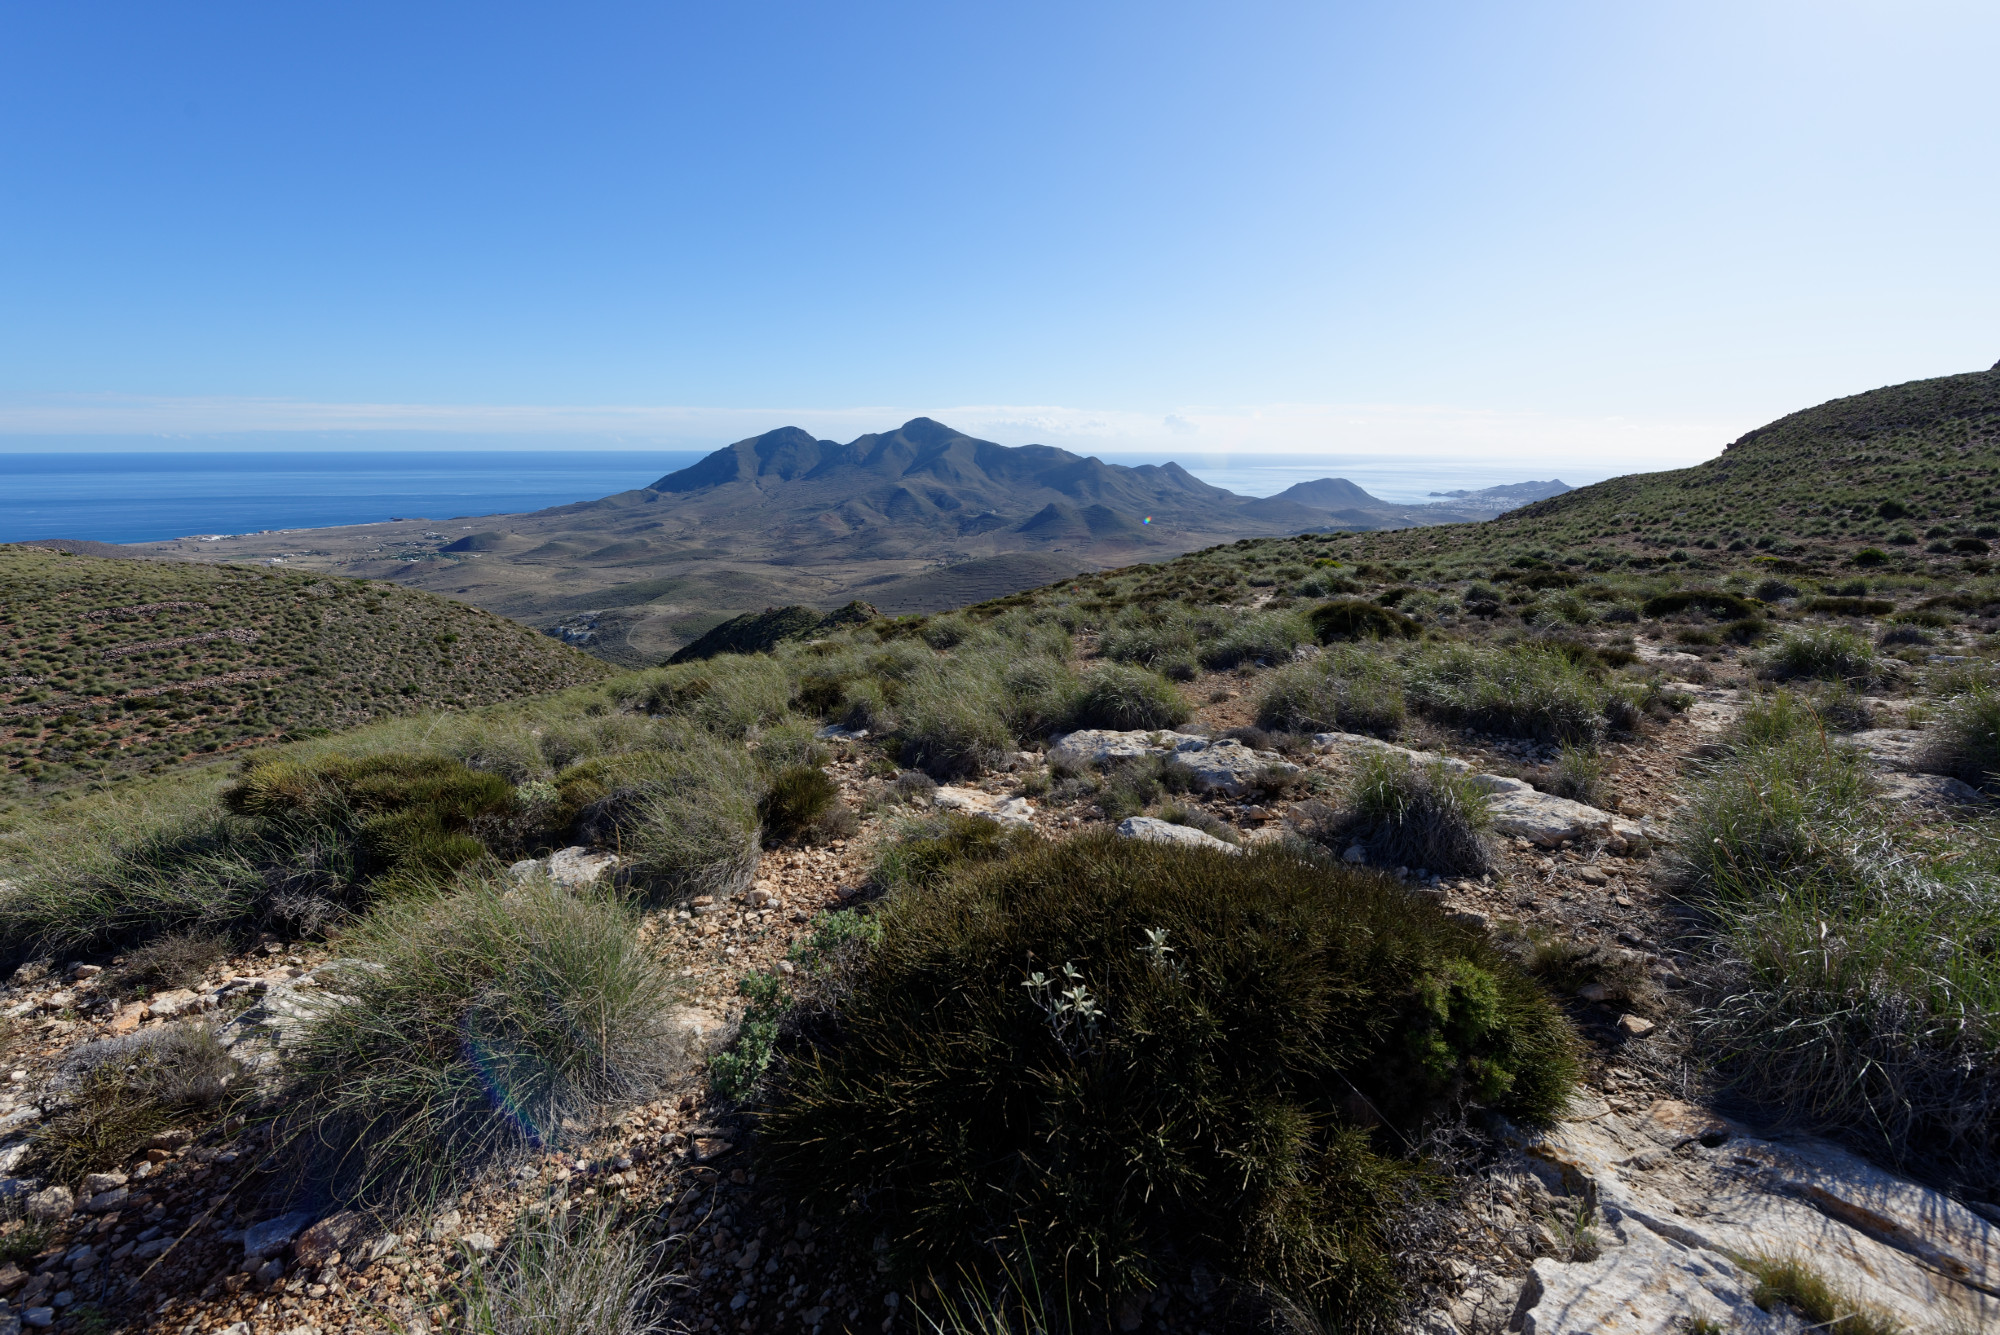 171212-Marche La Boca de los Frailes vers Cerro de Limones (44) (Cabo de Gata-Andalousie)